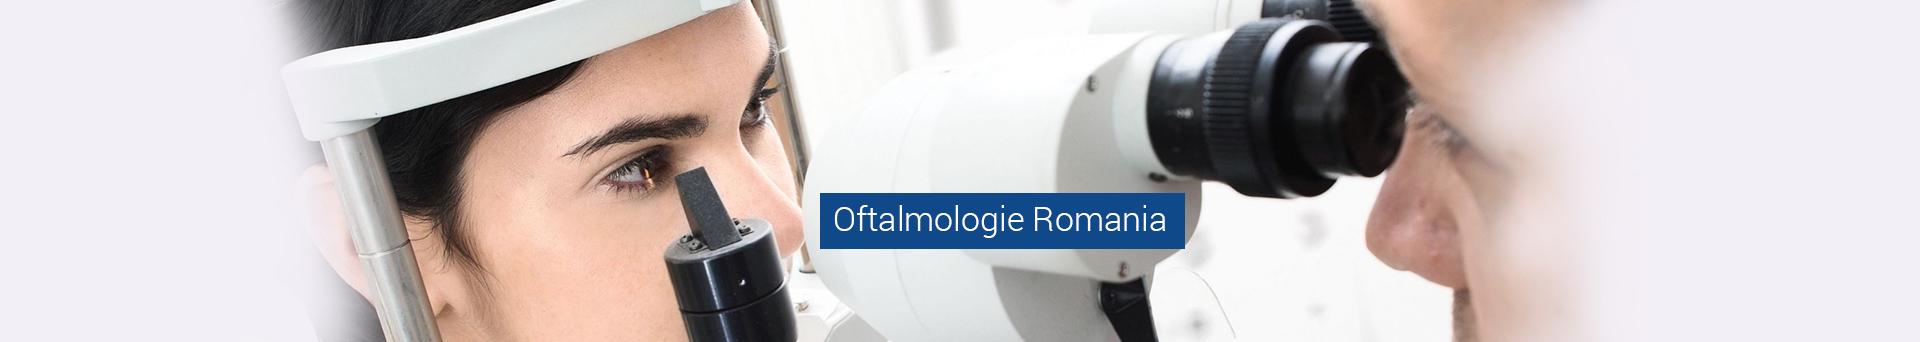 Oftalmologie Romania